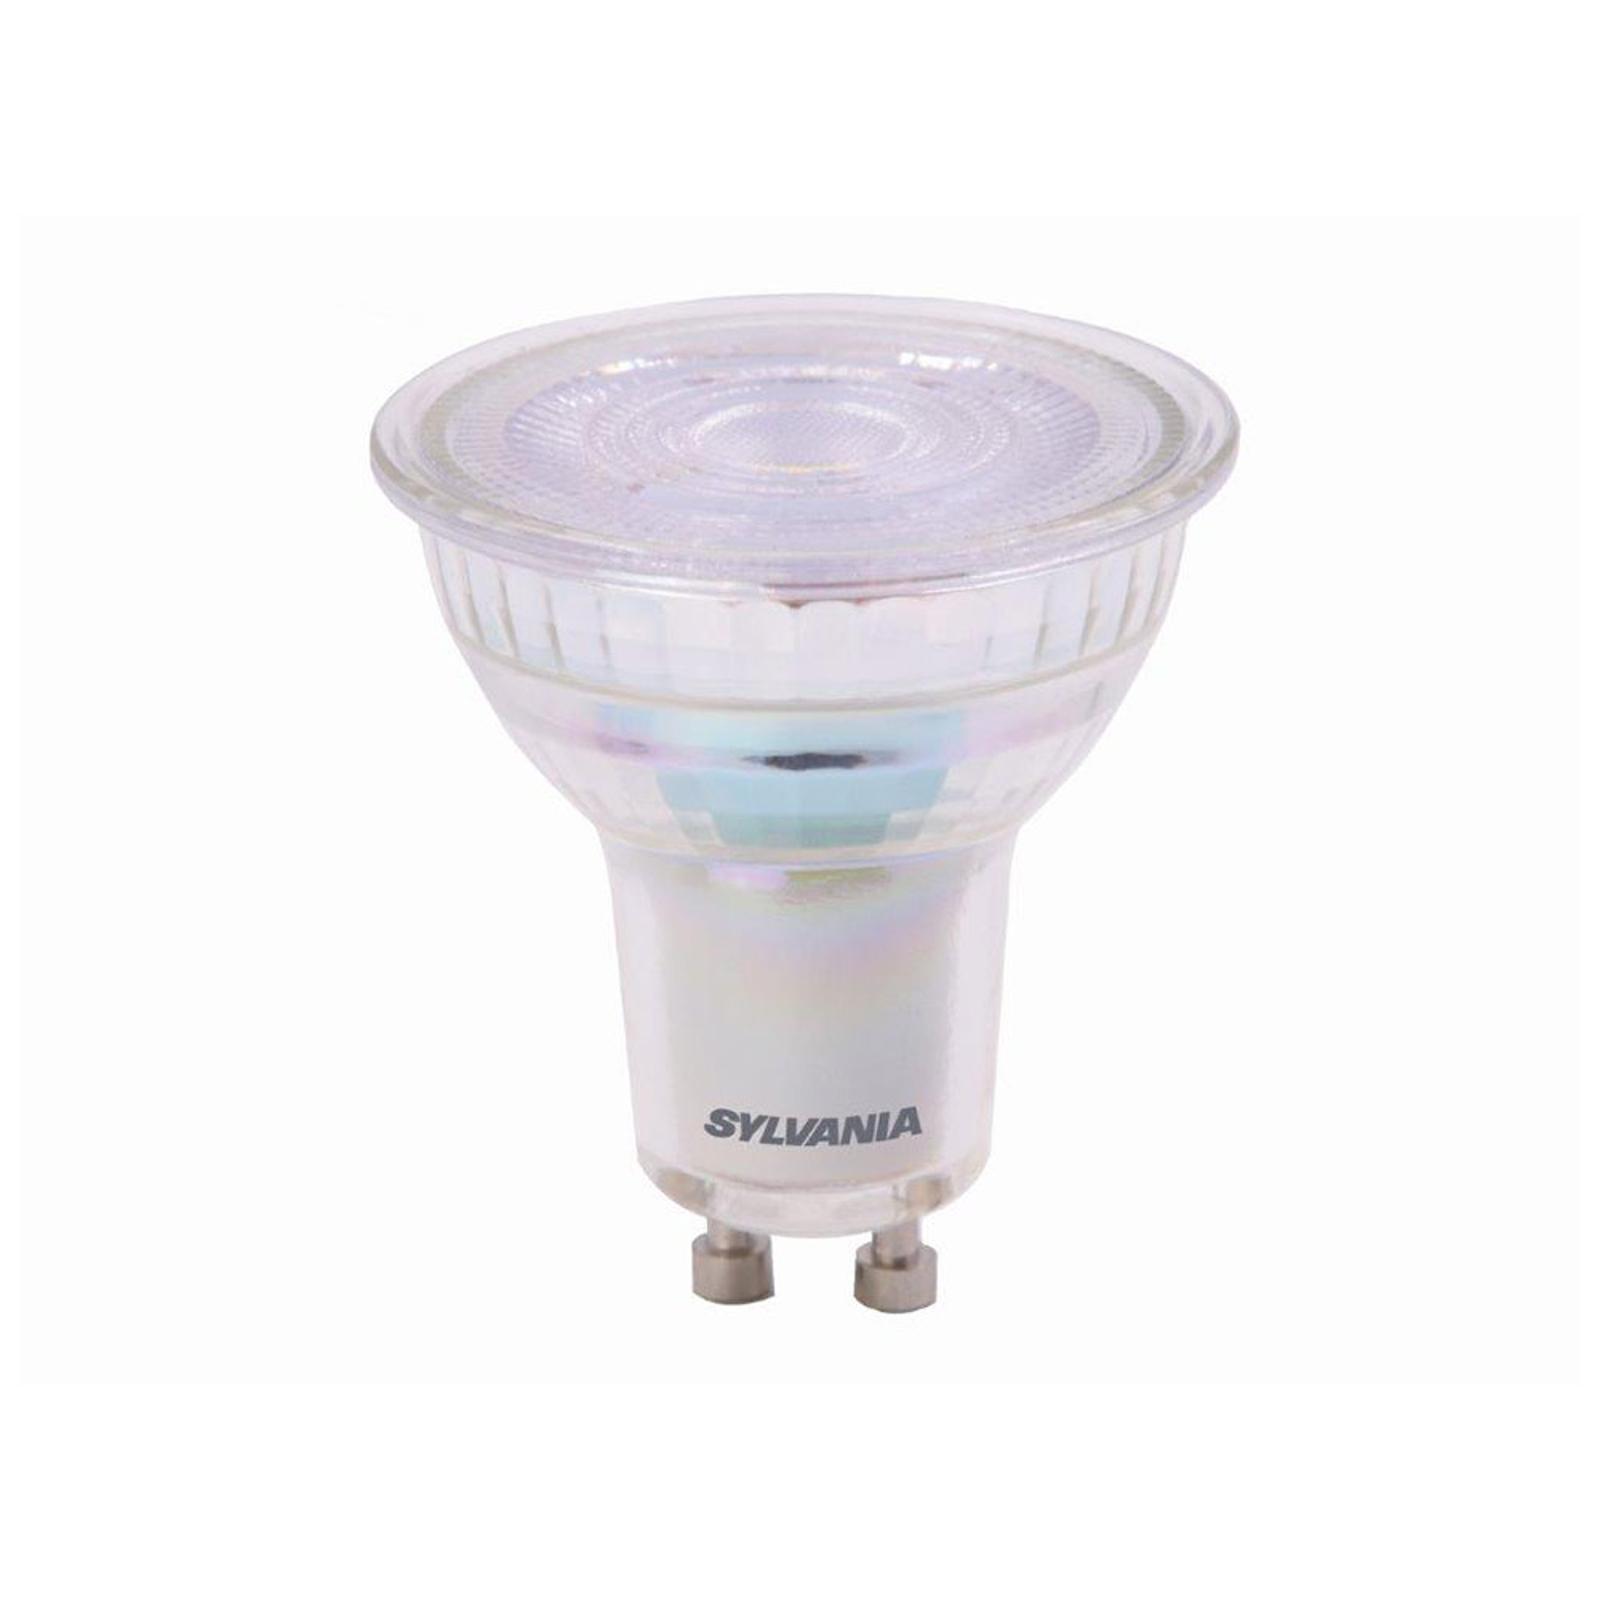 GU10 LED-reflektor 4 W, 360 lm, 4.000 K, 36°